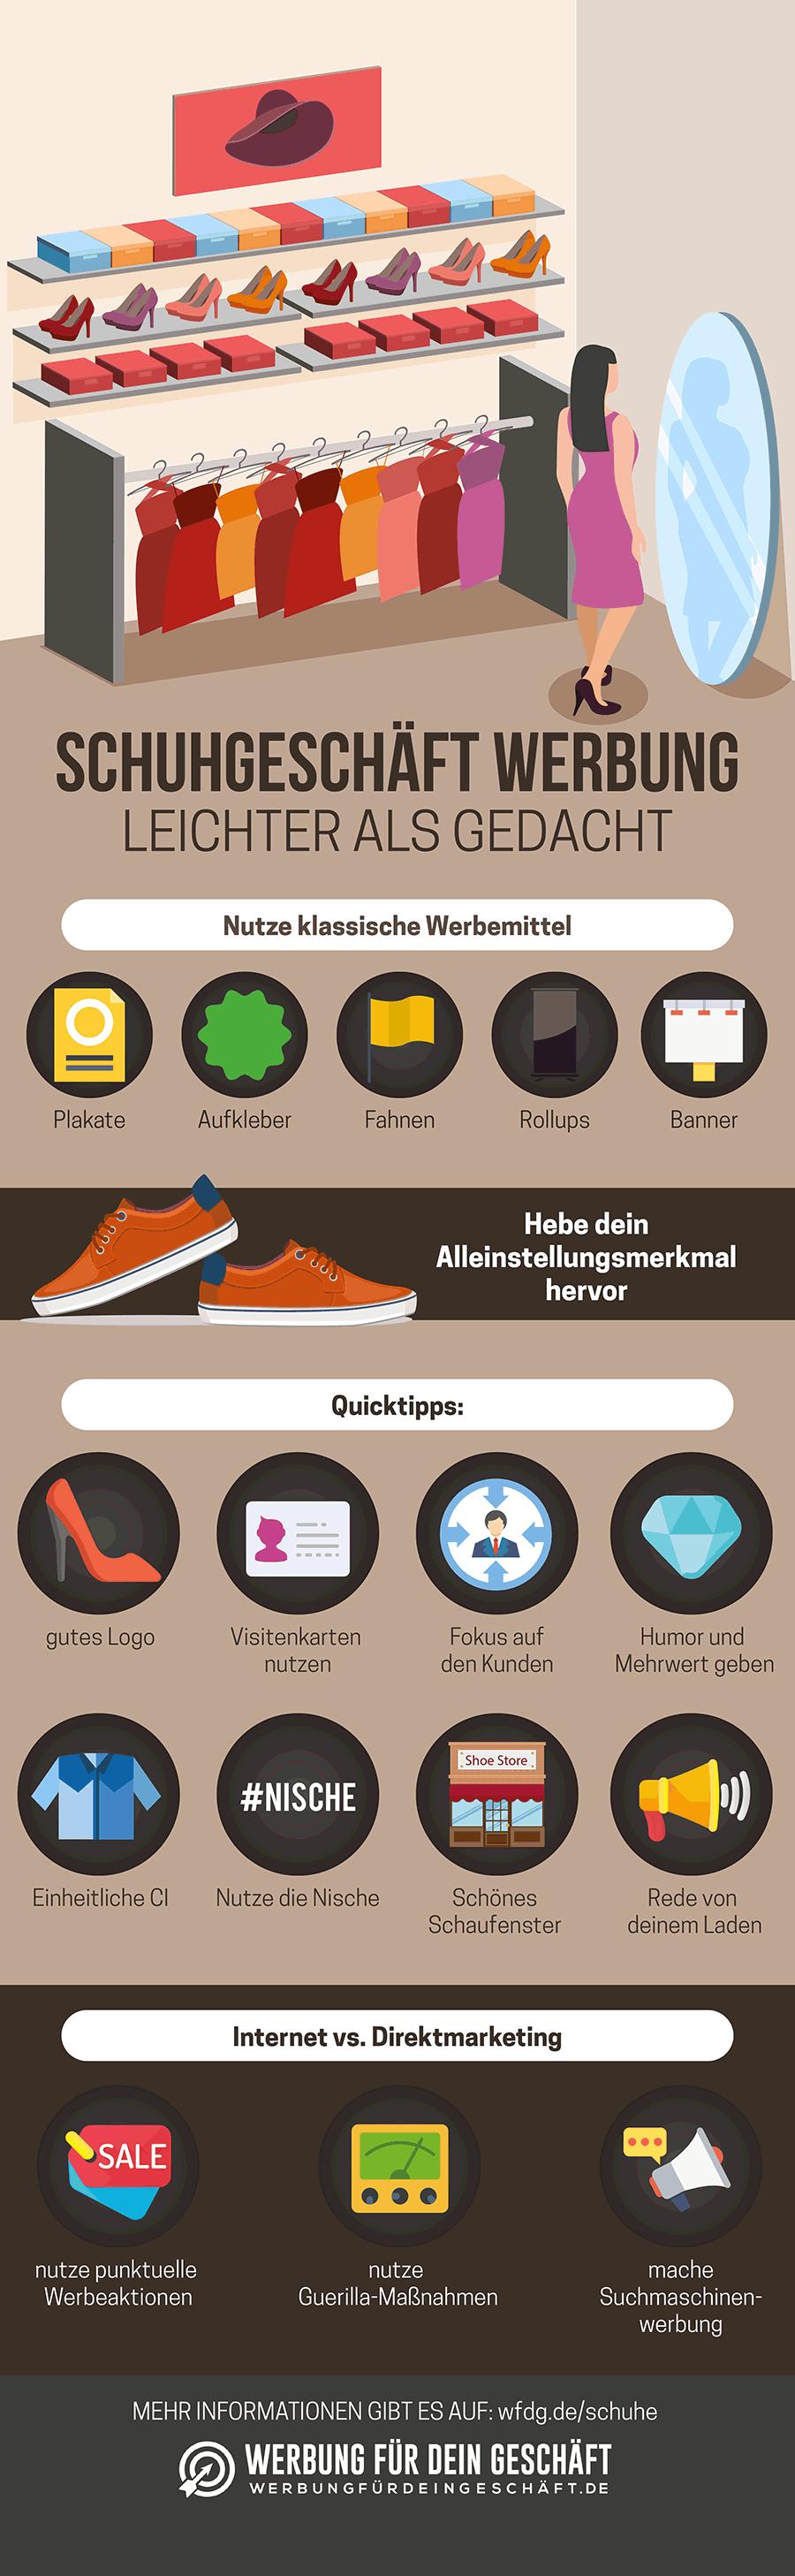 Infografik mit Tipps für die Werbung für ein Schuhgeschäft